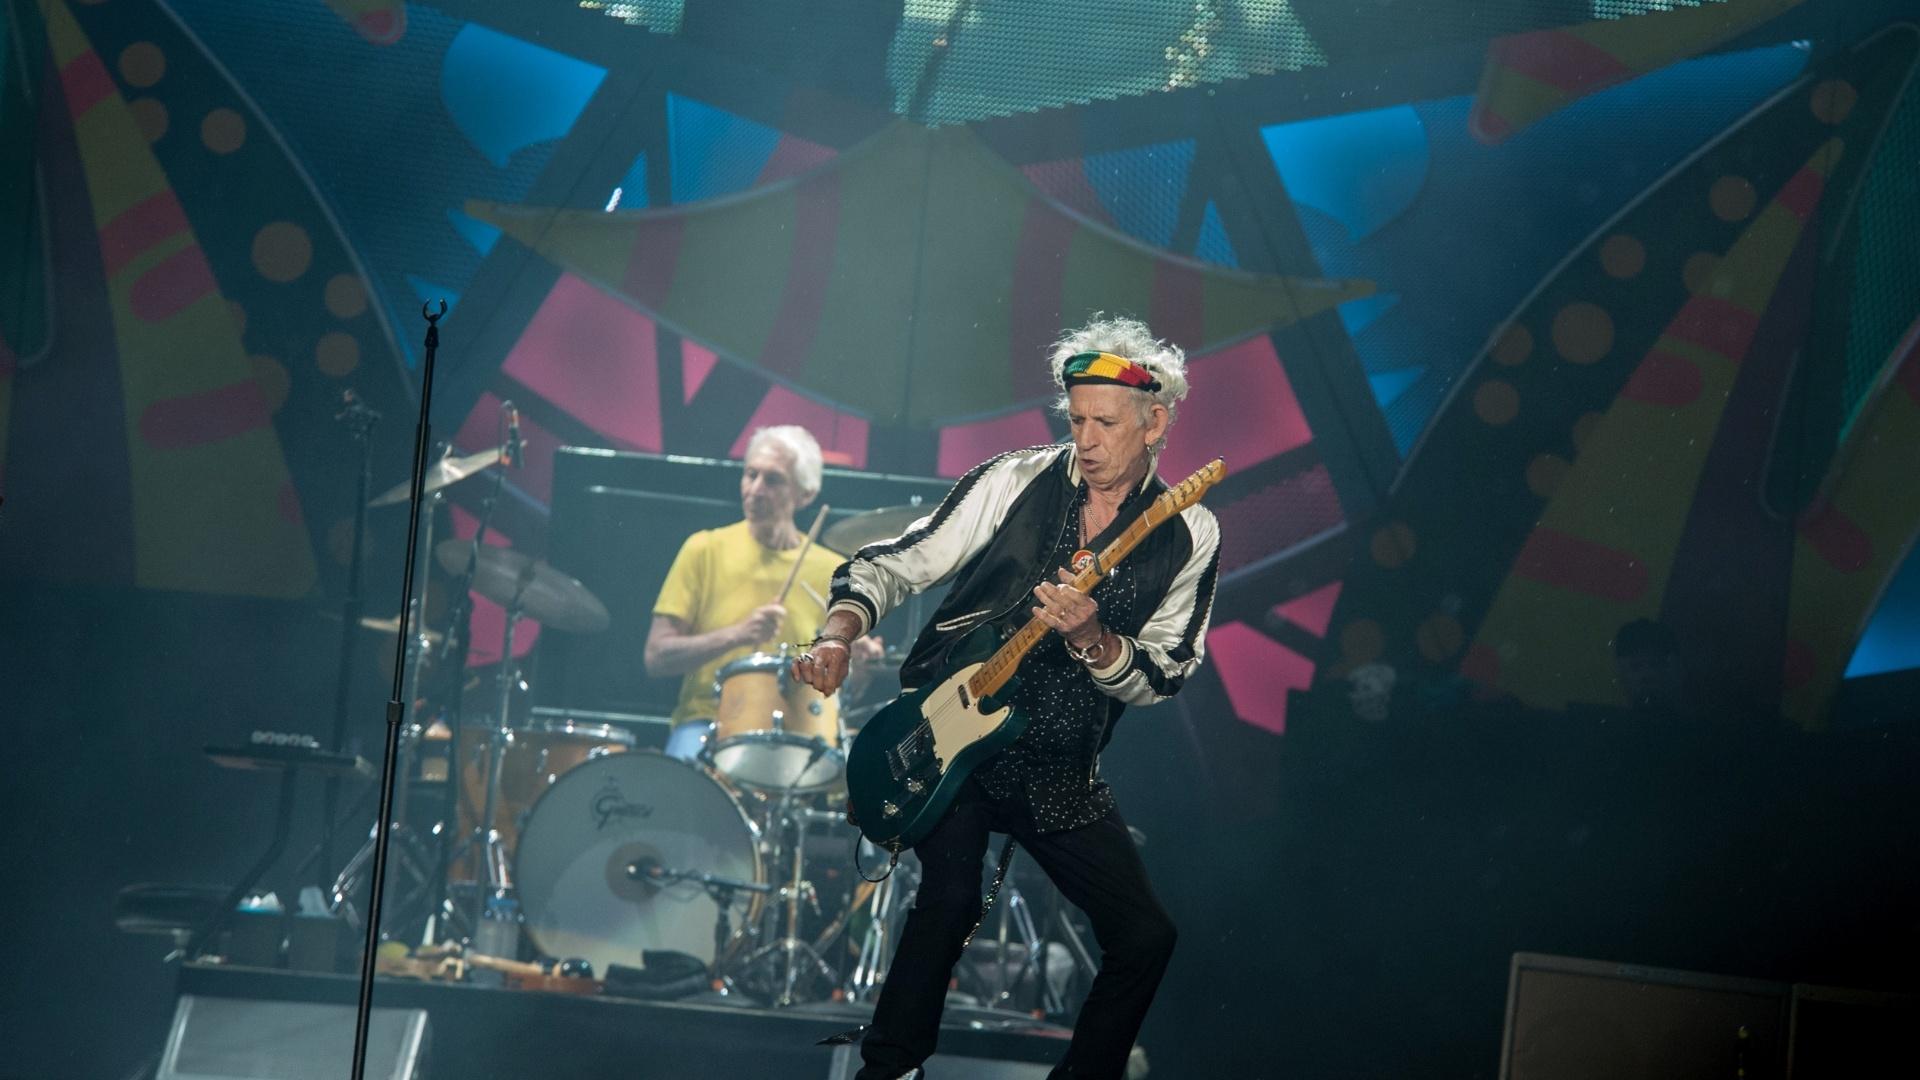 2.mar.2016 - Em Porto Alegre, Rolling Stones fazem 4º show e se despedem do Brasil. A banda abriu a apresentação com